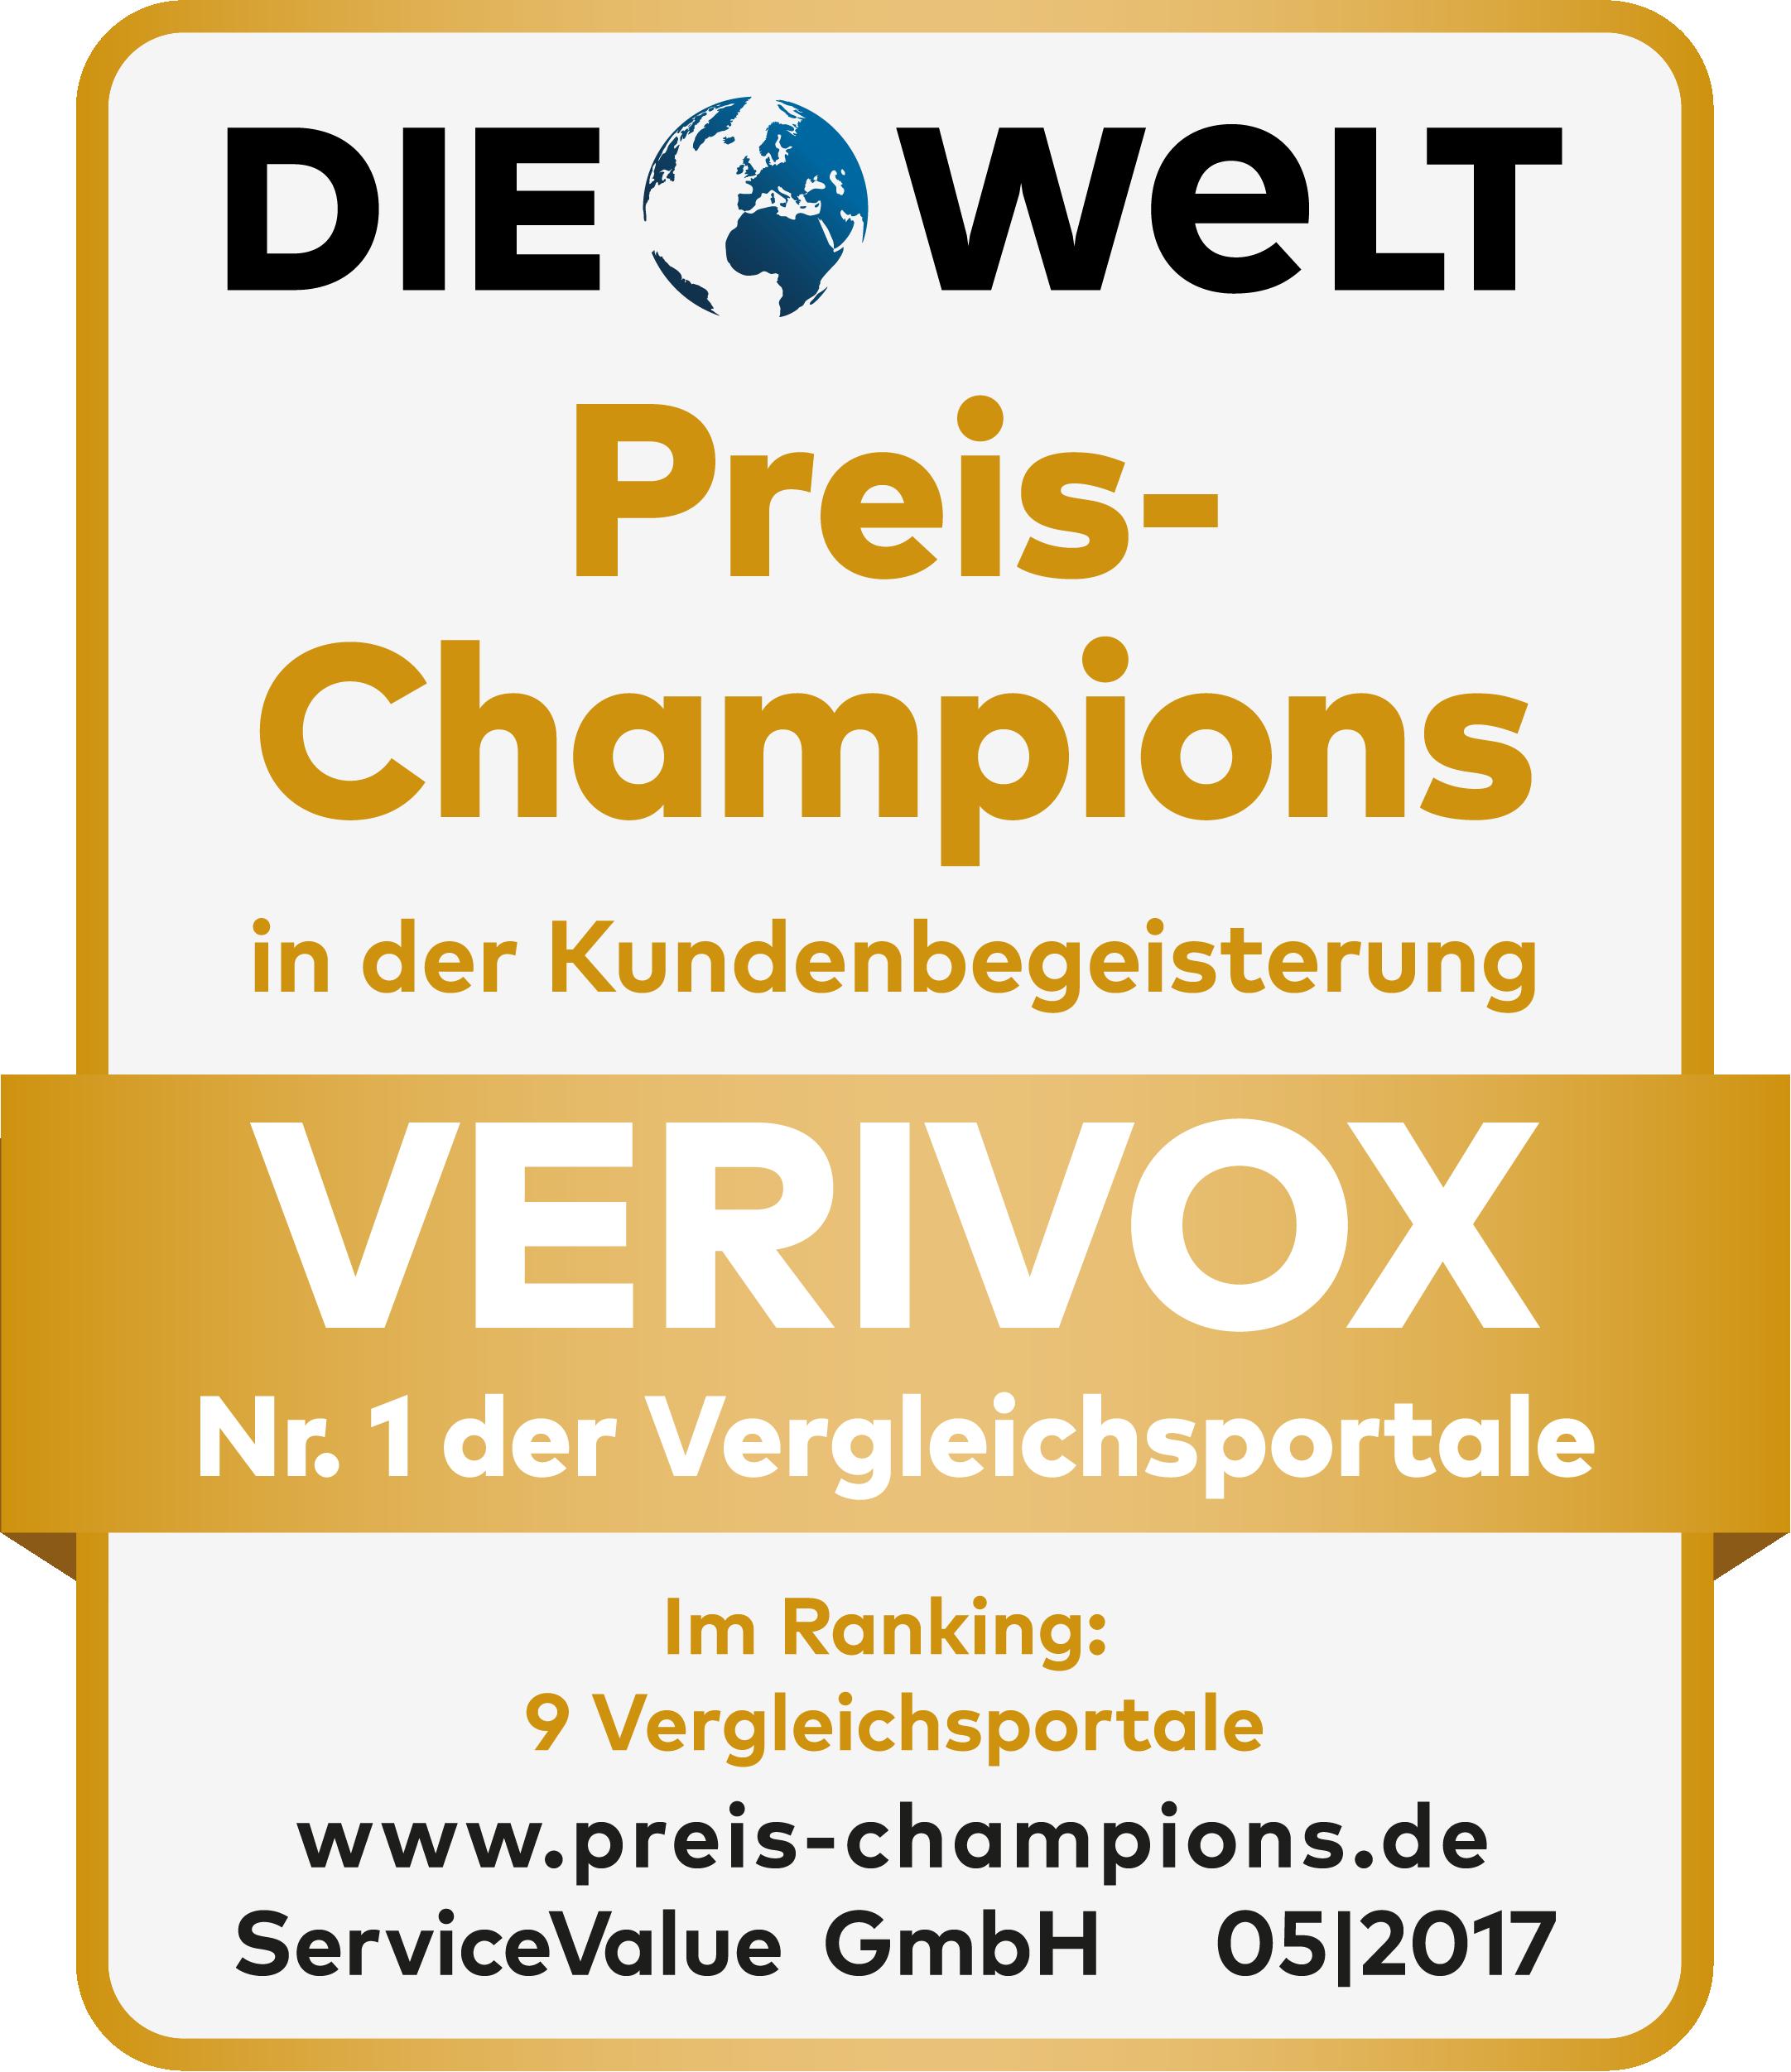 DIE WELT Preis-Champion